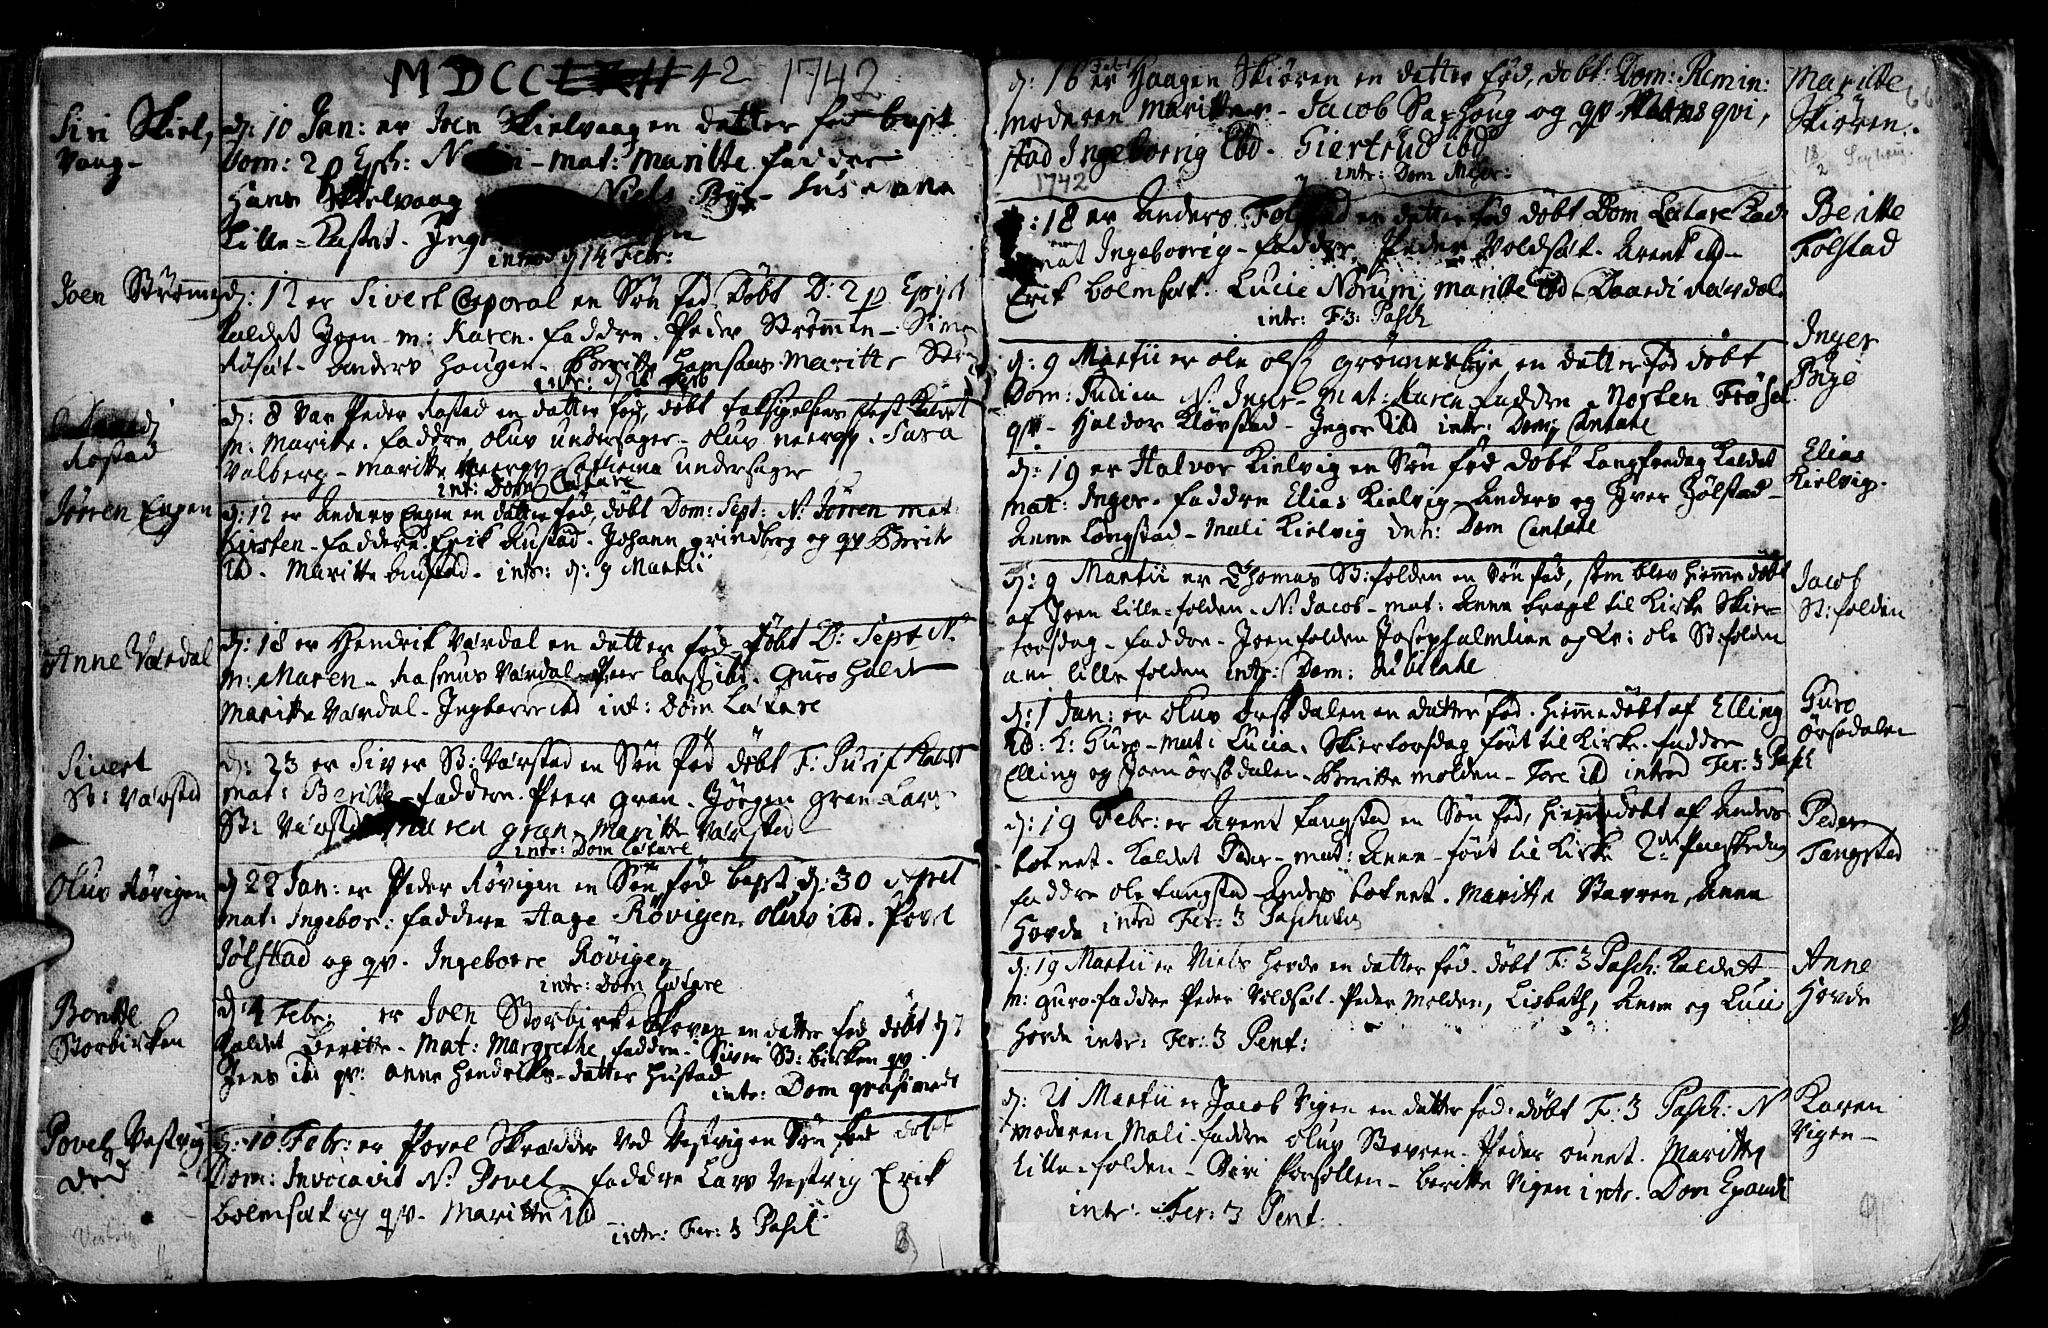 SAT, Ministerialprotokoller, klokkerbøker og fødselsregistre - Nord-Trøndelag, 730/L0272: Ministerialbok nr. 730A01, 1733-1764, s. 66